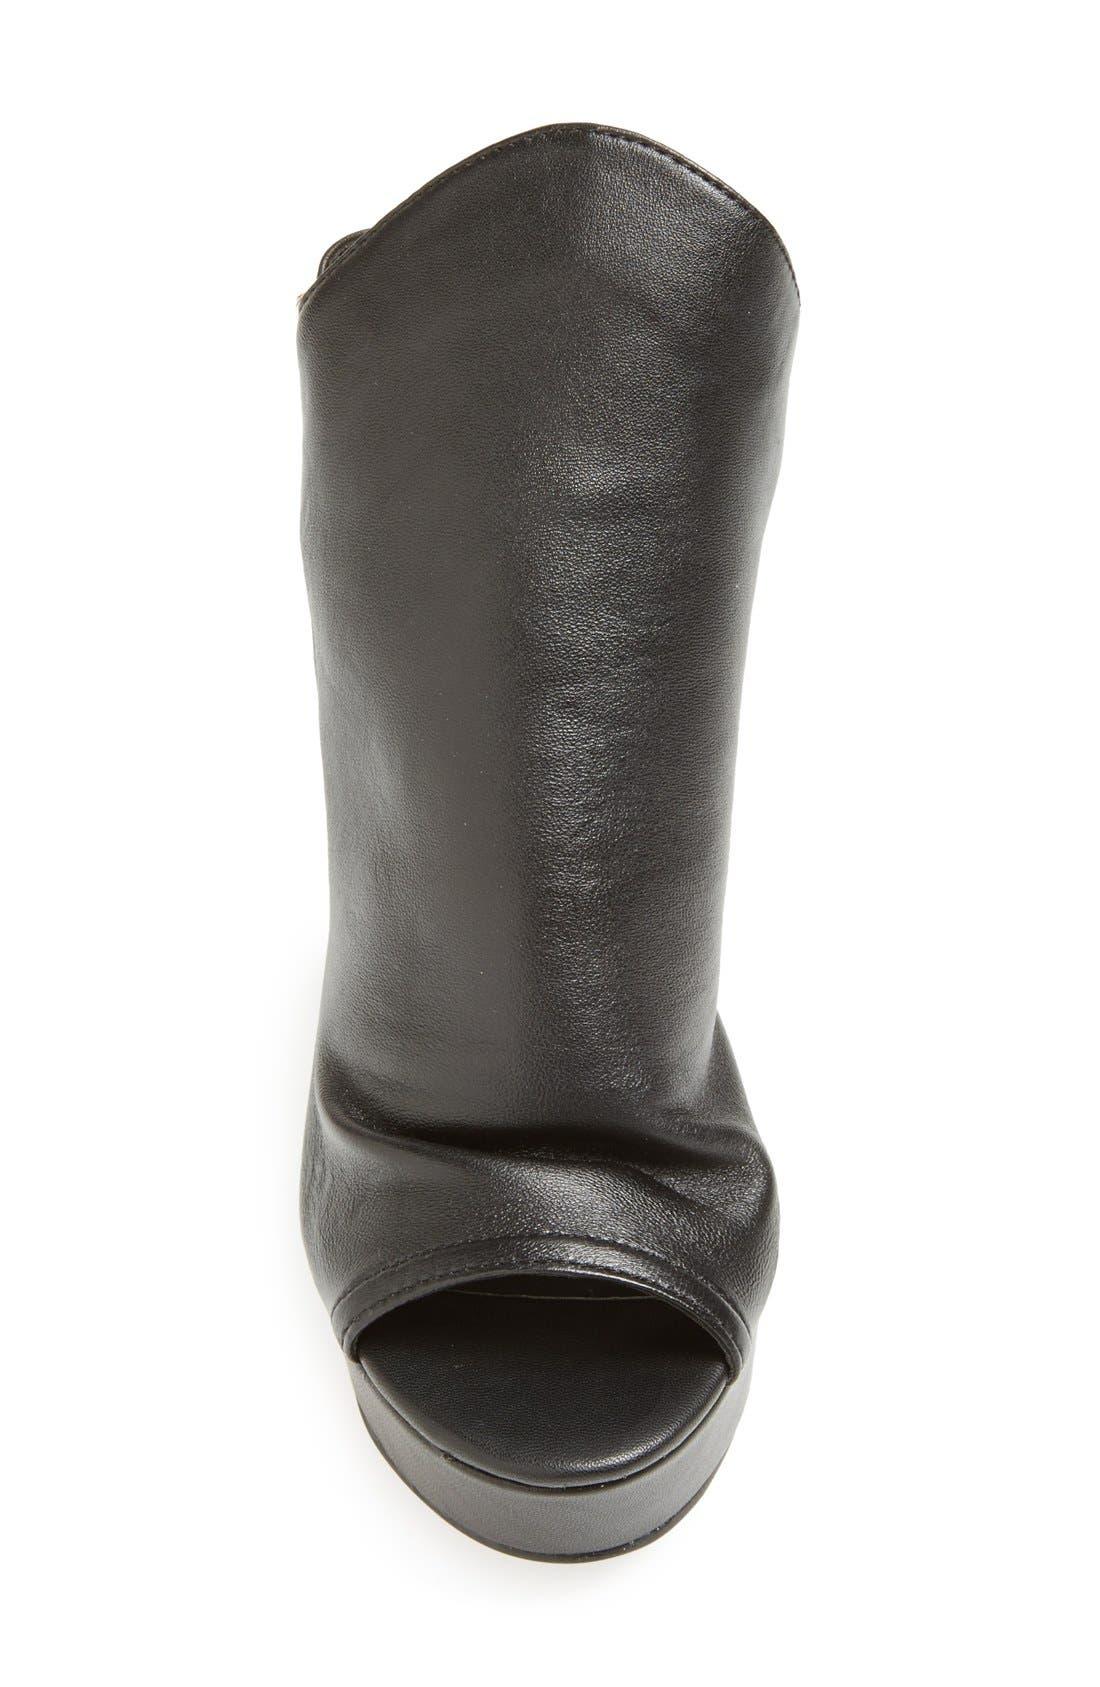 Alternate Image 3  - Steve Madden 'Drapey' Wedge Sandal (Women)